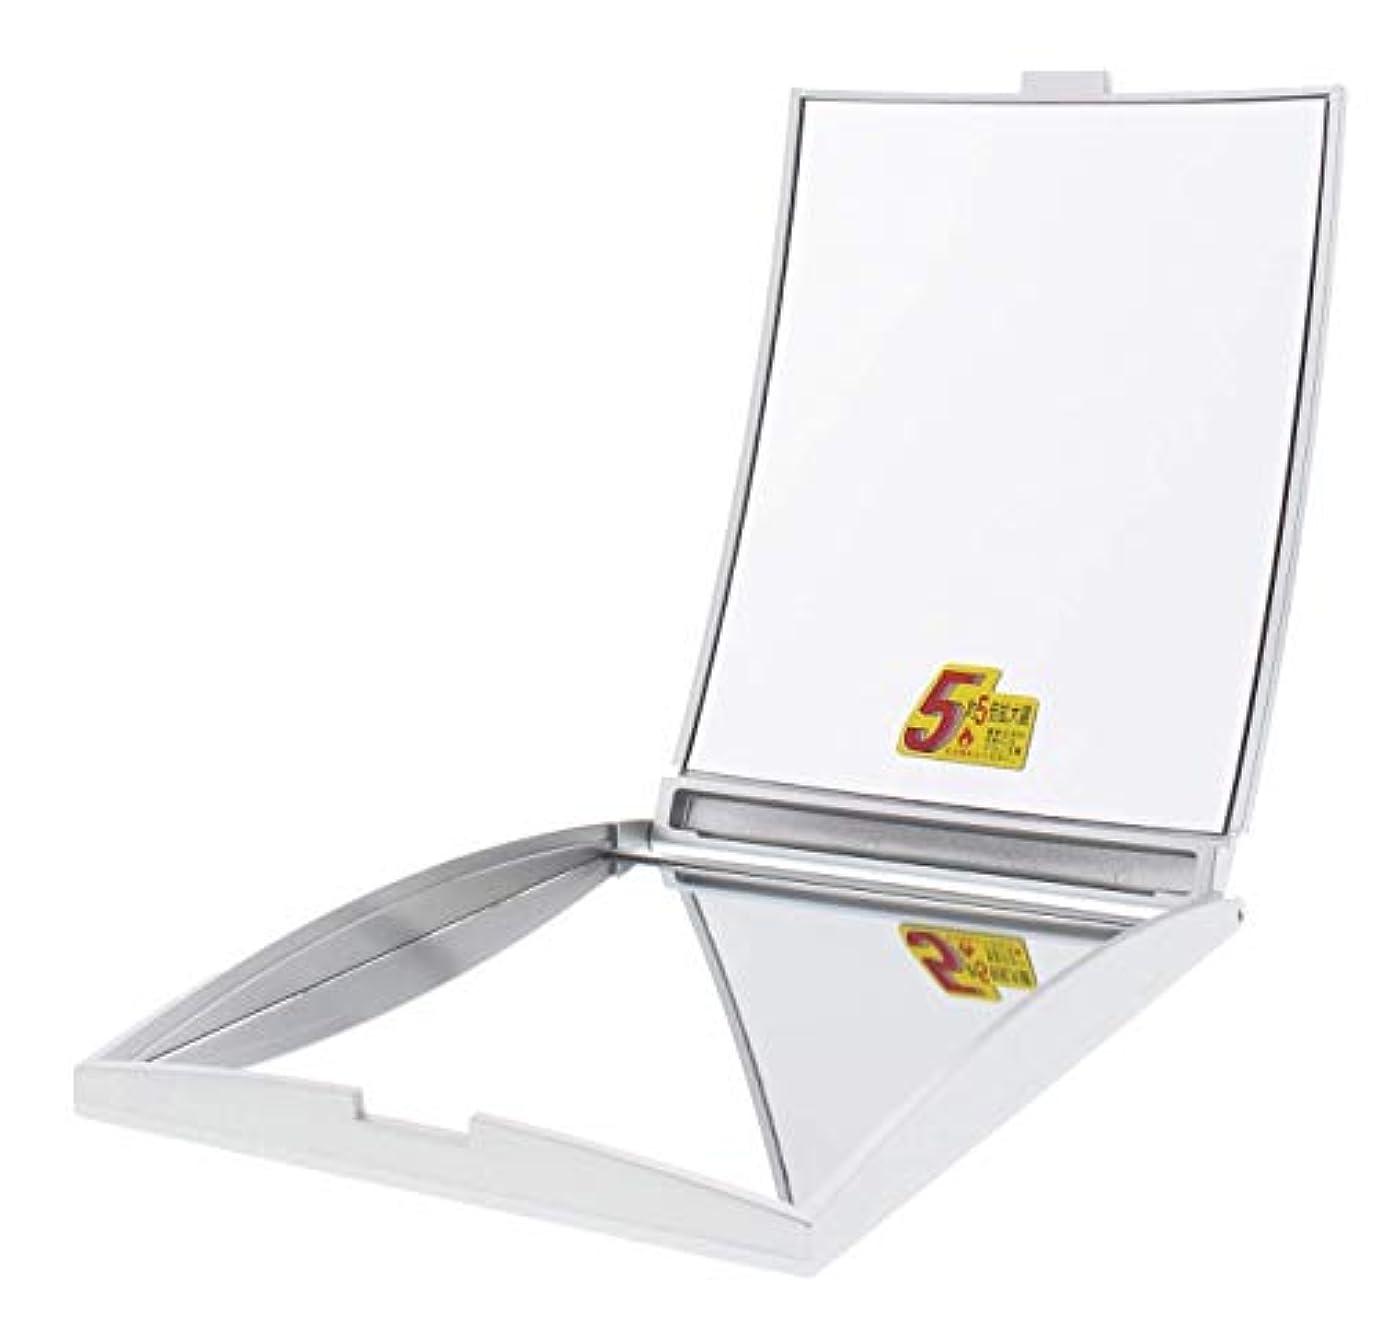 基準ケージ命題メリー 片面約5倍拡大鏡付コンパクトミラー Lサイズ シルバー AD-104